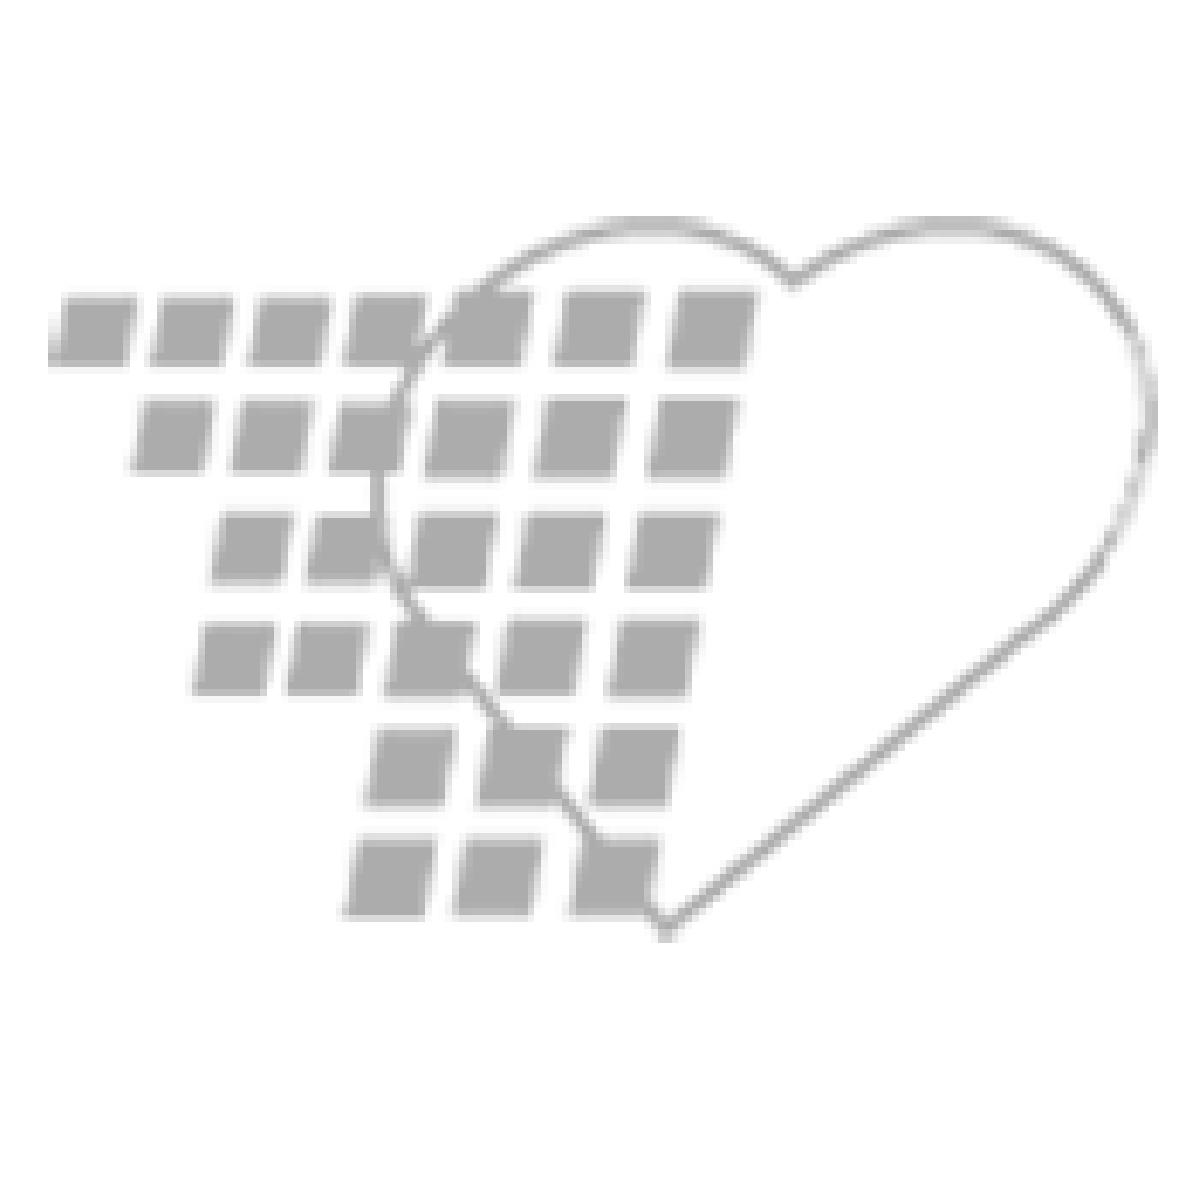 05-87-1220 - Catheter Plug Drain Tube Cover Sterile